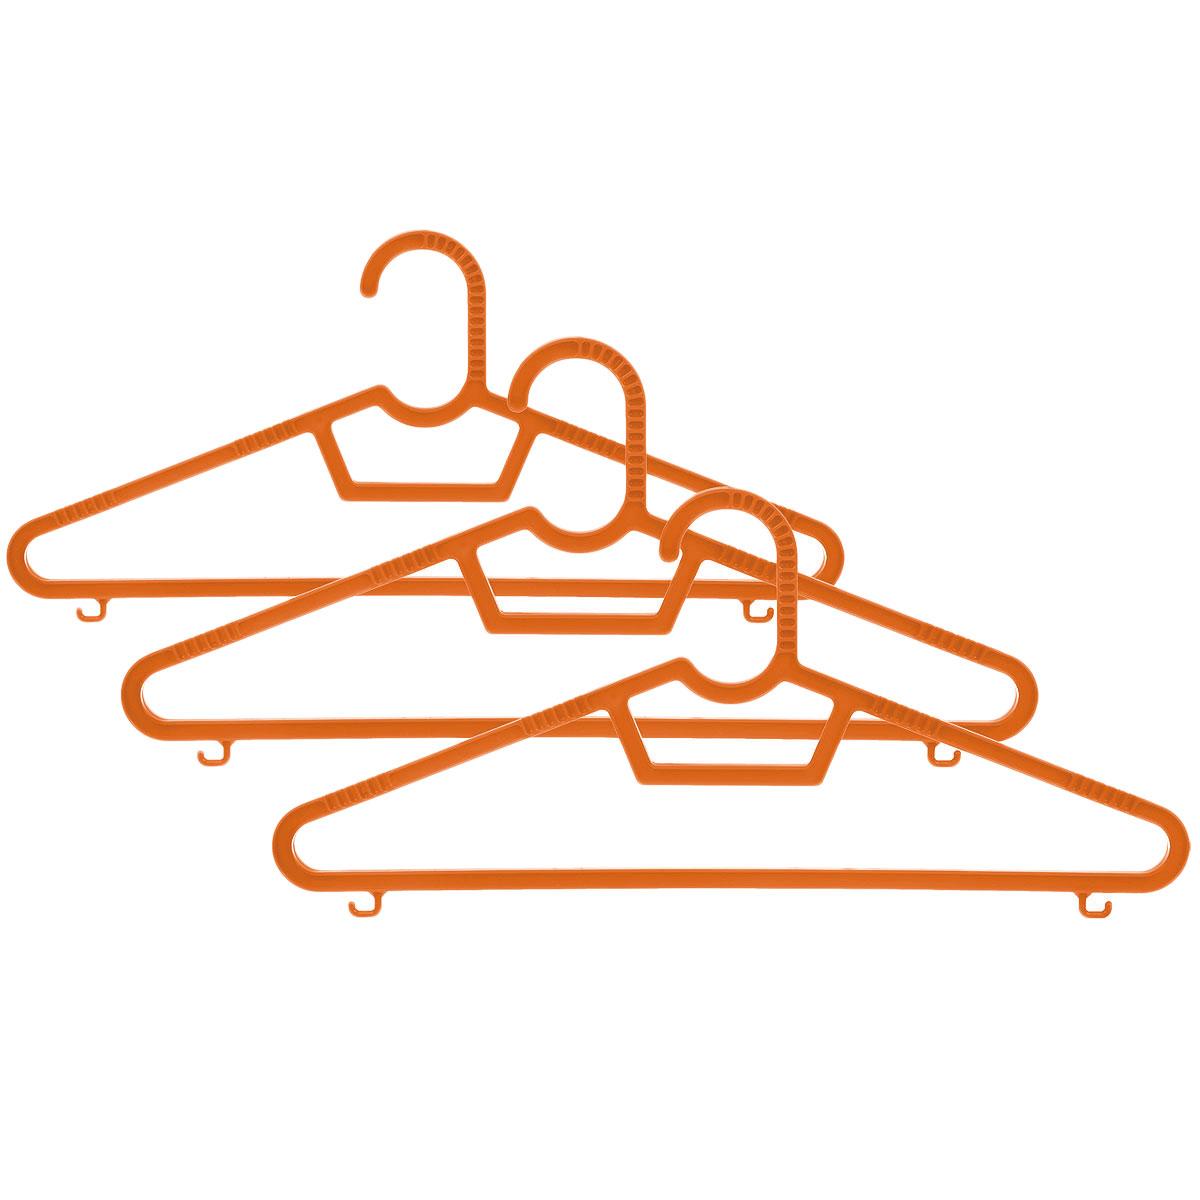 Набор вешалок Полимербыт, цвет: оранжевый, размер 40-42, 3 штPR-2WНабор вешалок Полимербыт выполнен из пластика. Изделия оснащены перекладинами и крючками. Вешалка - это незаменимая вещь для того, чтобы ваша одежда всегда оставалась в хорошем состоянии.Комплектация: 3 шт. Размер одежды: 40-42.